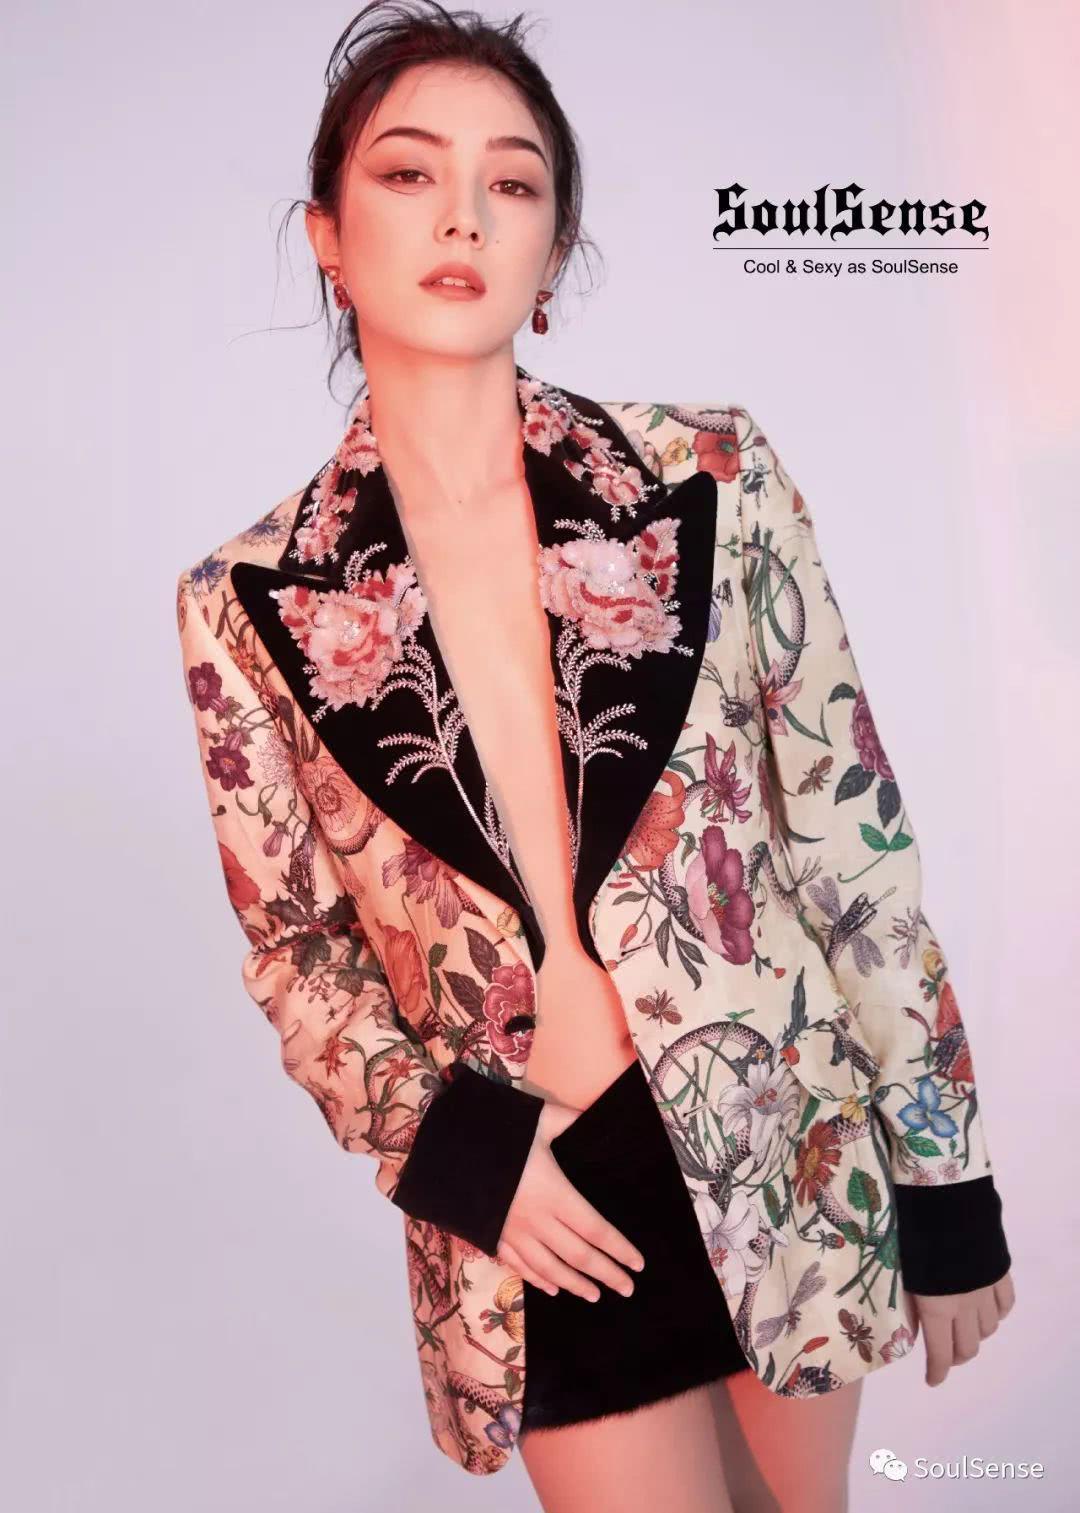 STELLALUNA携眼神超撩的刘承羽拍摄北京时尚杂志彰显帅气时尚魅力!